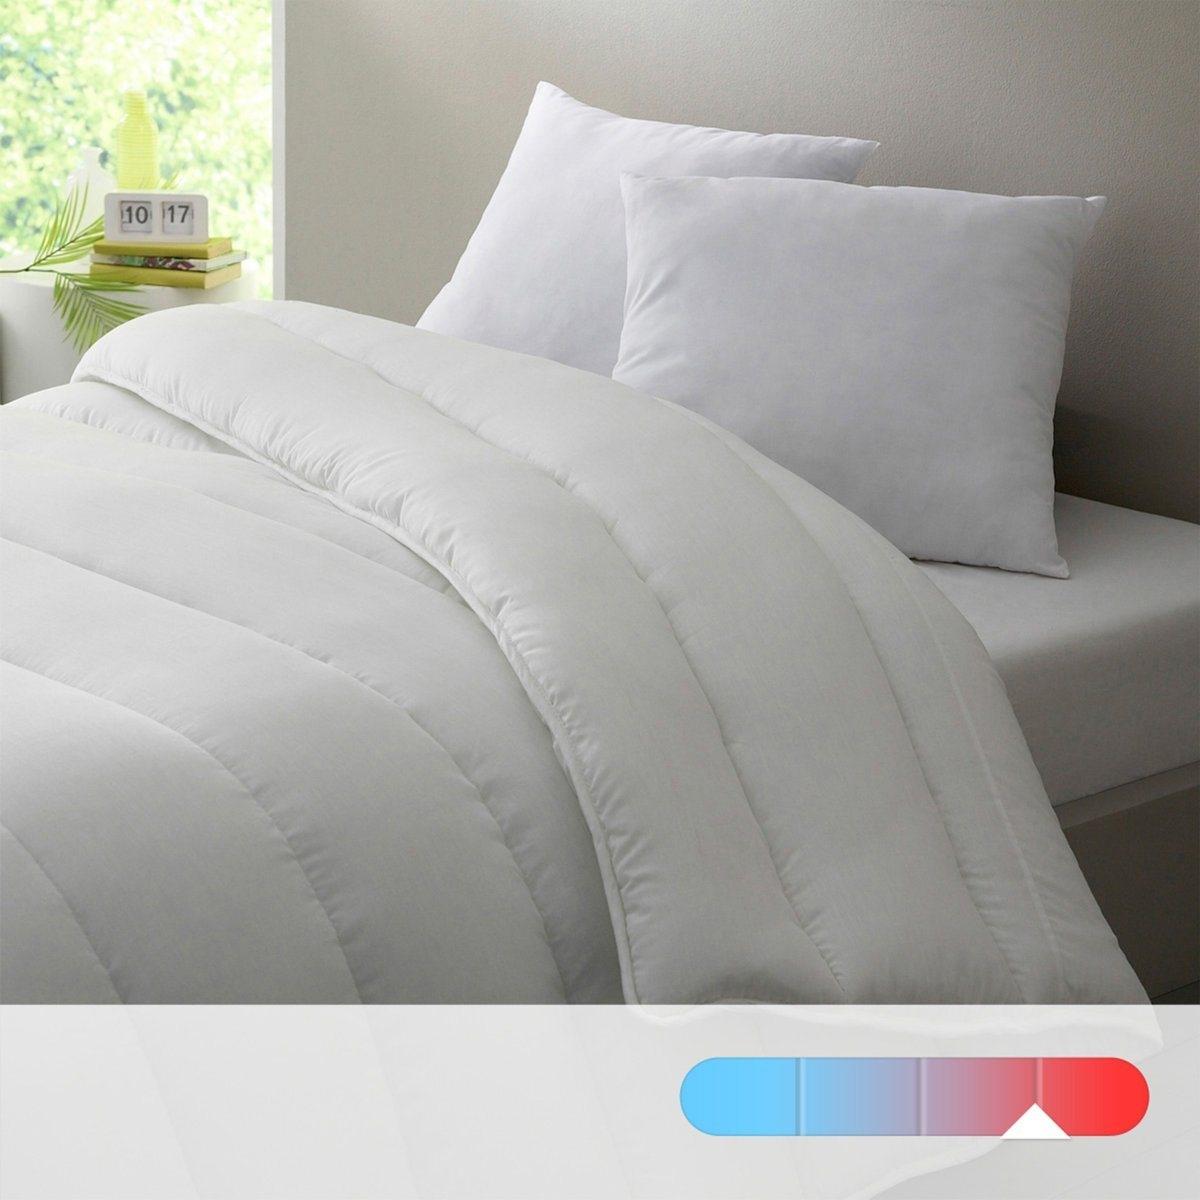 Одеяло 500 г/м², 100% полиэстер, обработка против клещей